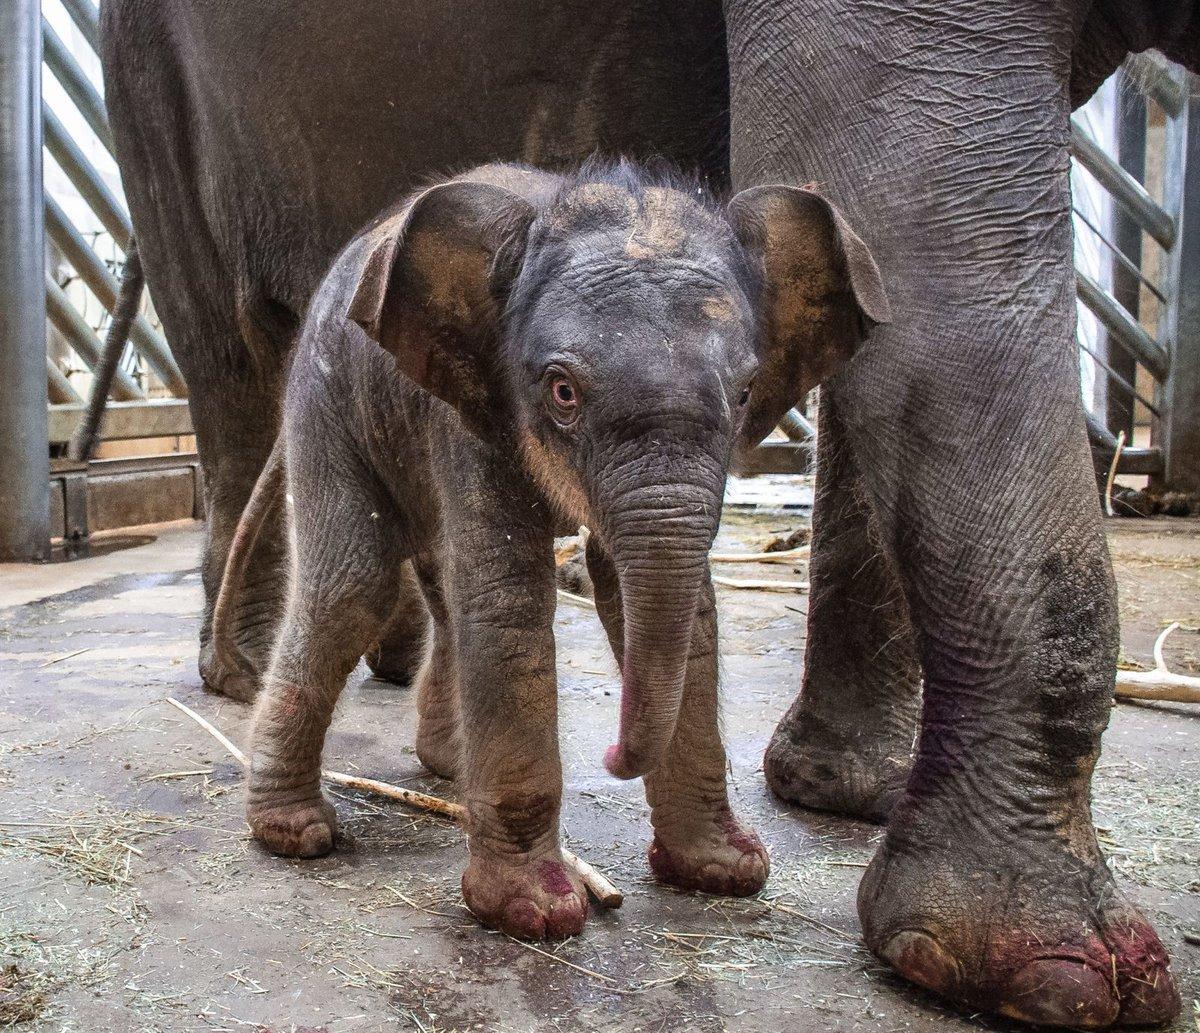 Samice slona indického Janita porodila svého druhého potomka po dlouhých 683 dnech březosti. S prvorozeným slůnětem Maxem byla Janita březí podstatně kratší dobu – 639 dní.